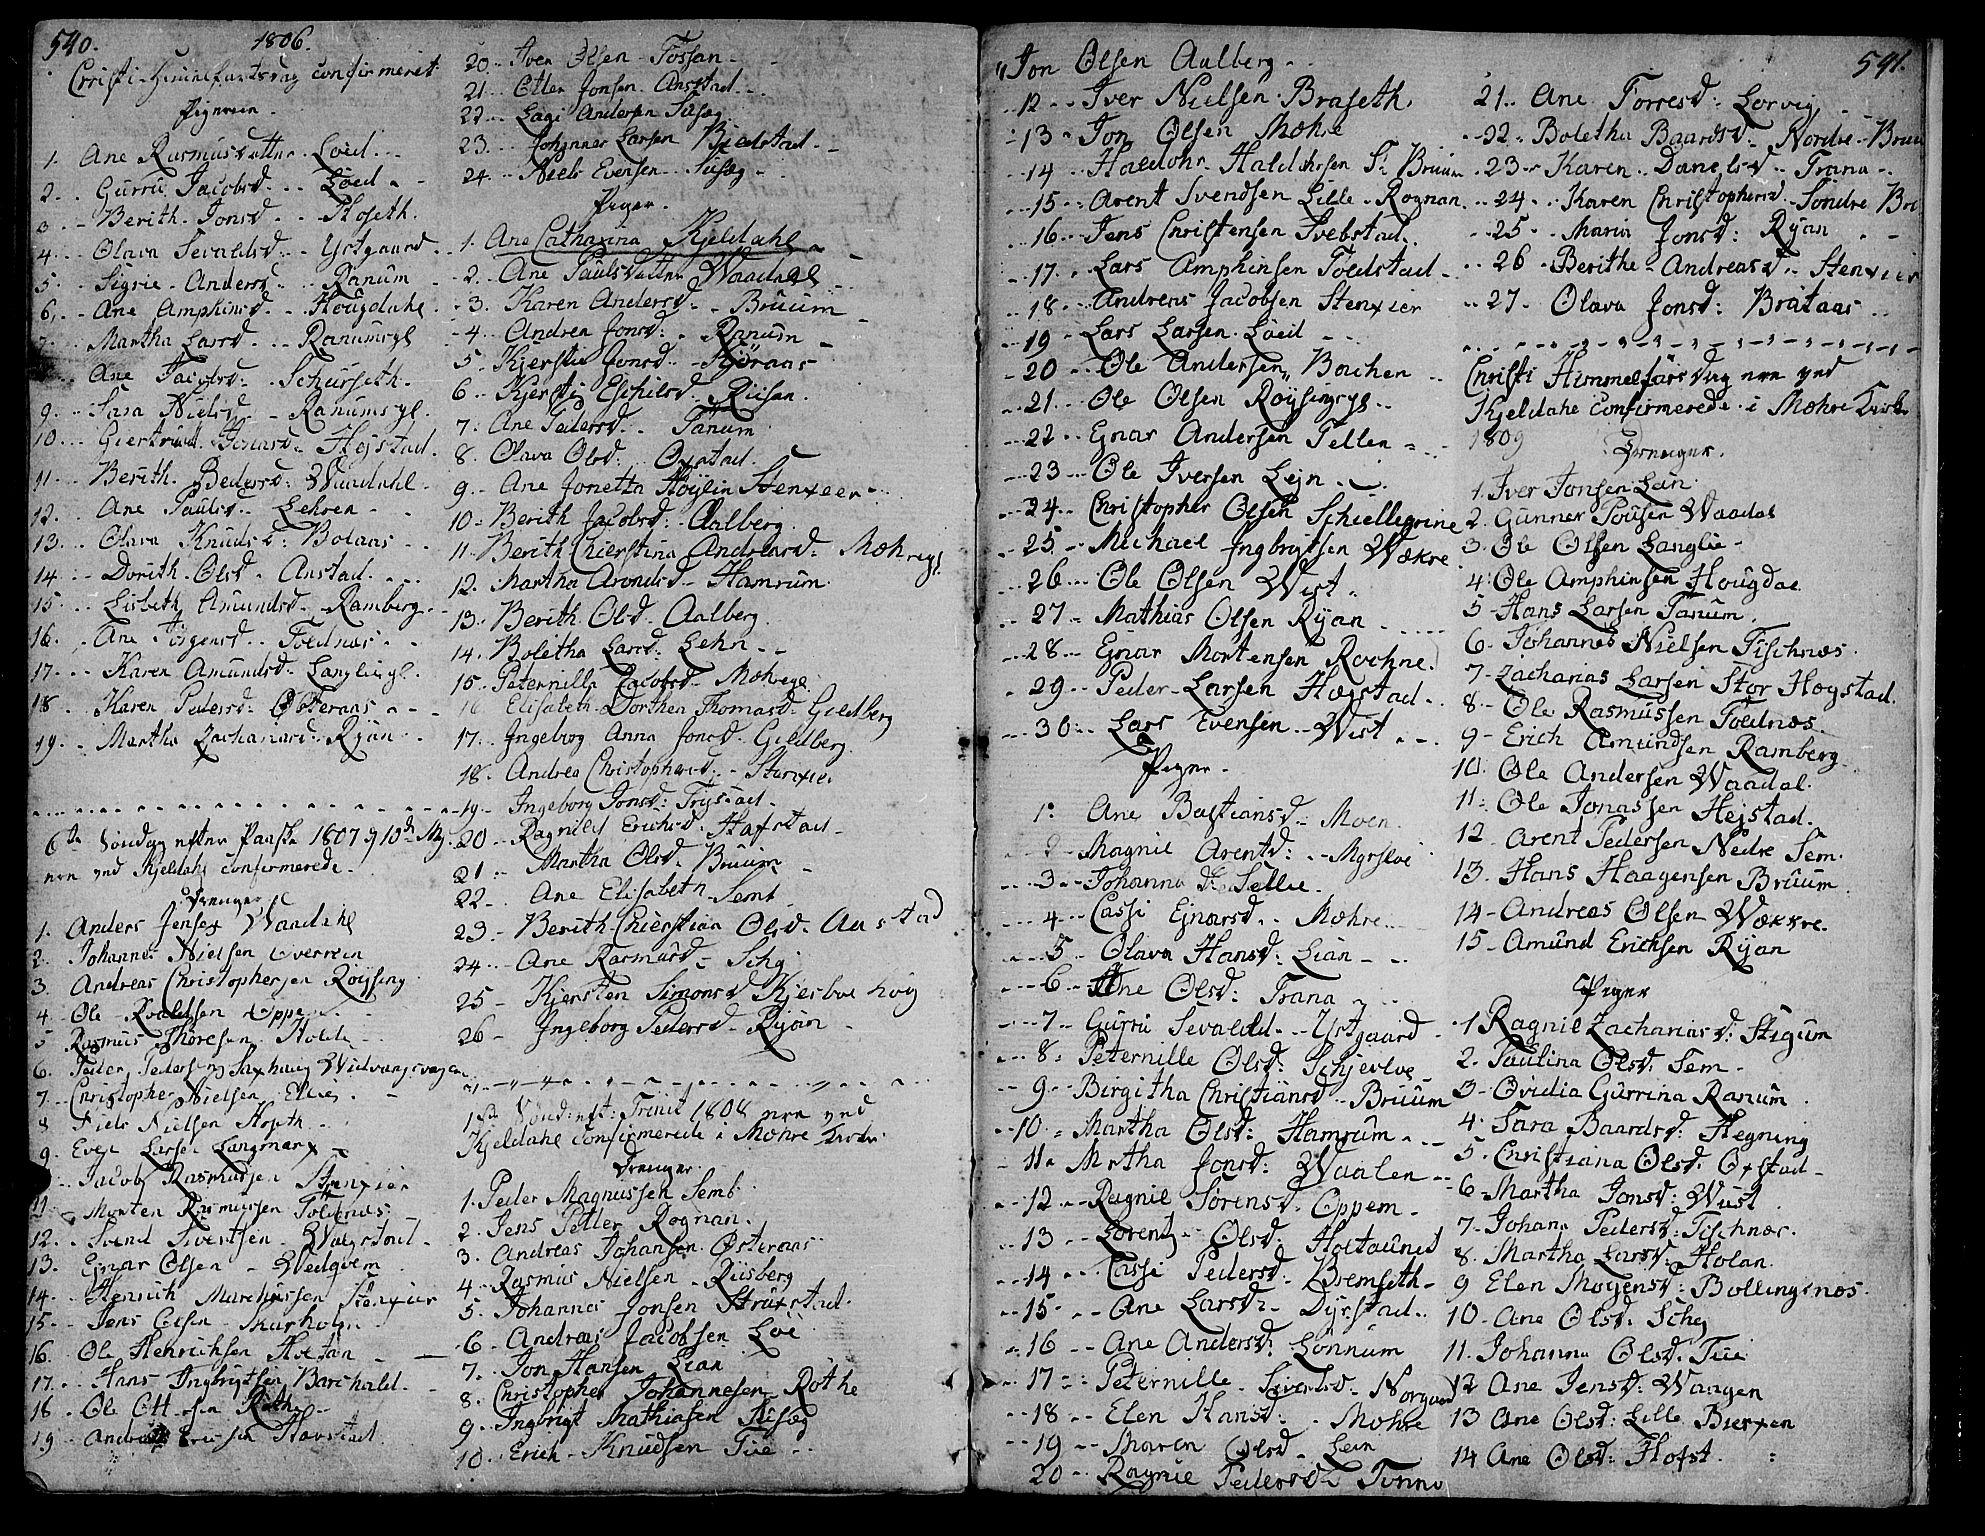 SAT, Ministerialprotokoller, klokkerbøker og fødselsregistre - Nord-Trøndelag, 735/L0332: Ministerialbok nr. 735A03, 1795-1816, s. 540-541